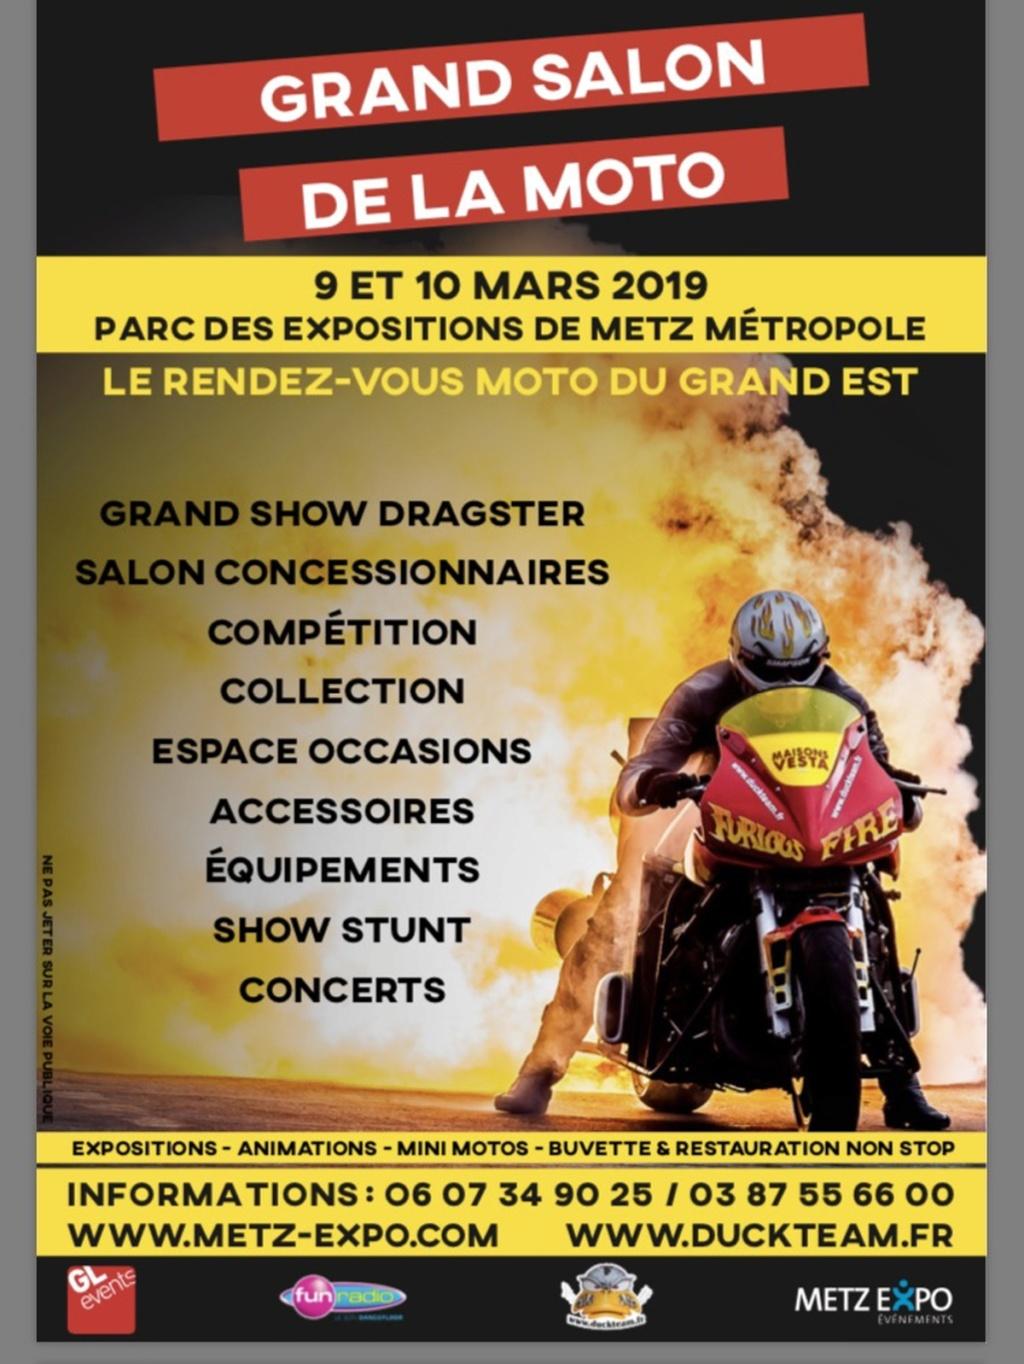 Salon de la Moto - 9 & 10 mars 2019 - Parc des Expositions  de METZ Métropole Illust12